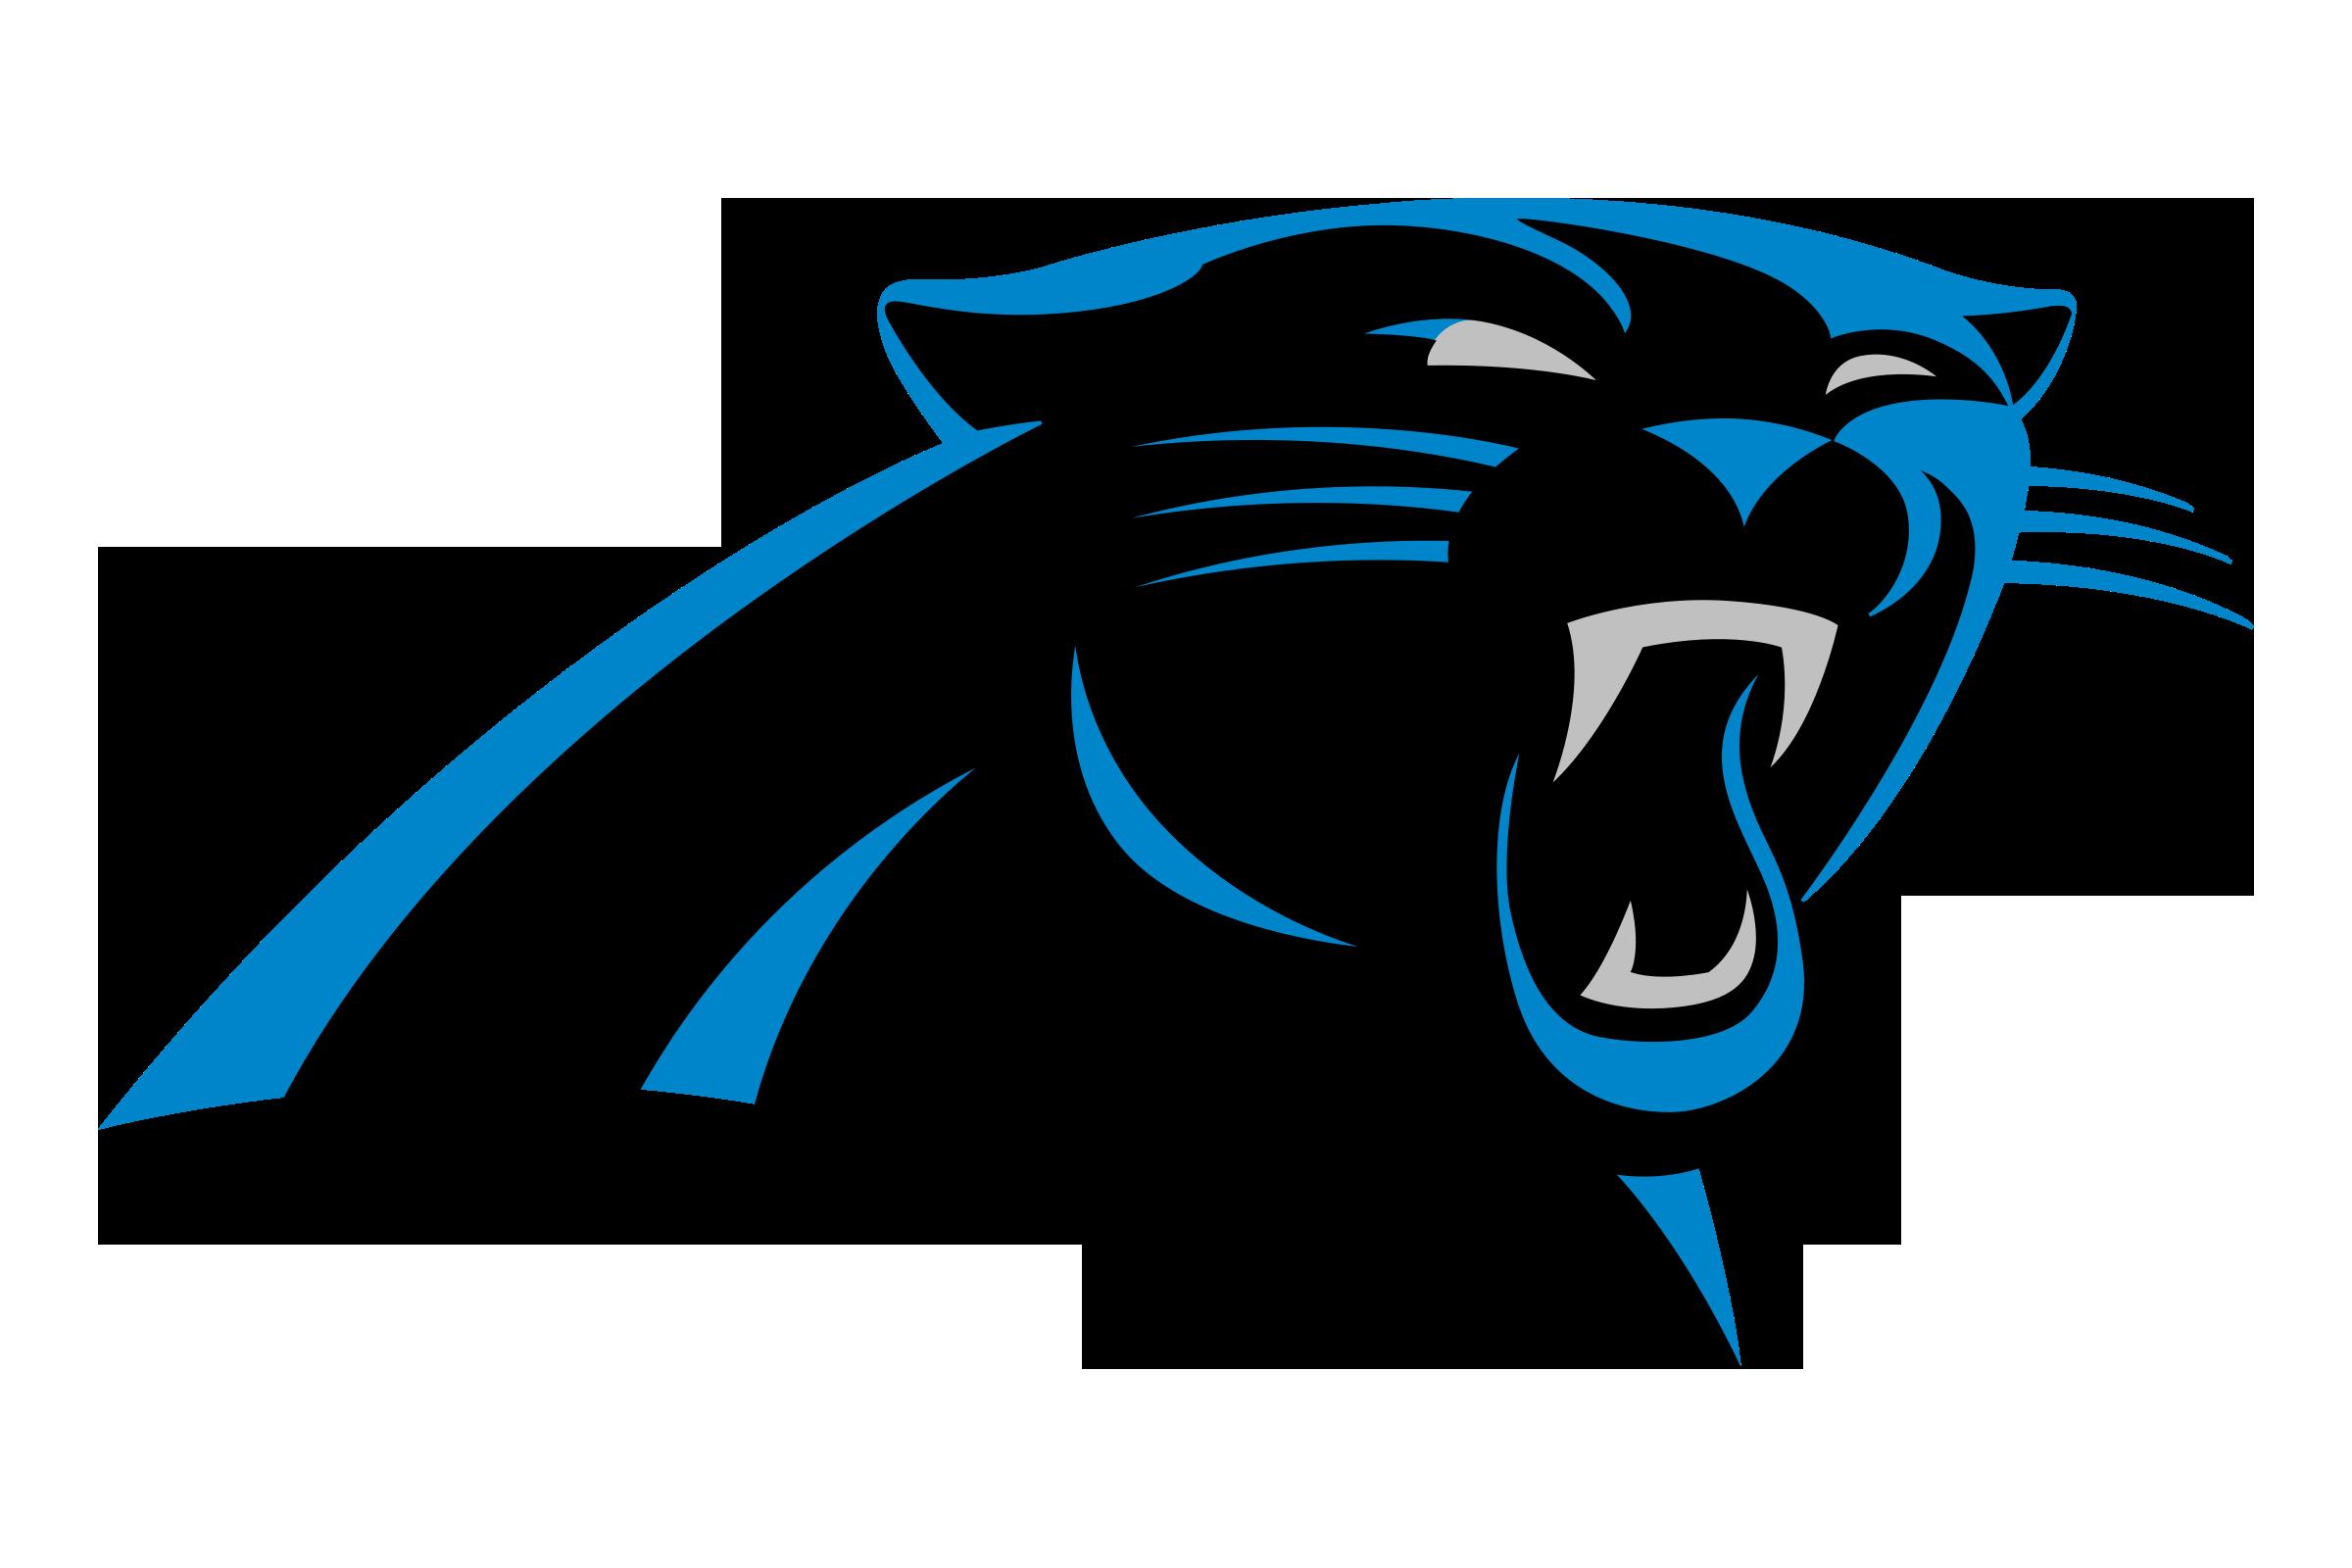 carolina-panthers-logo-transparent.png